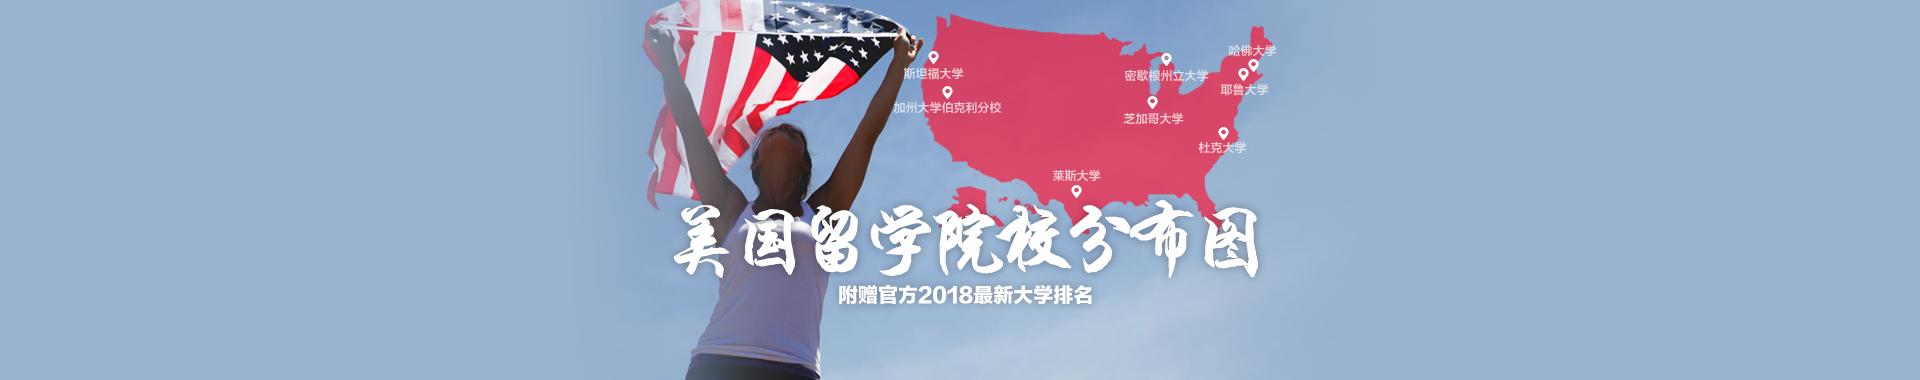 2019美国院校最新综合排名